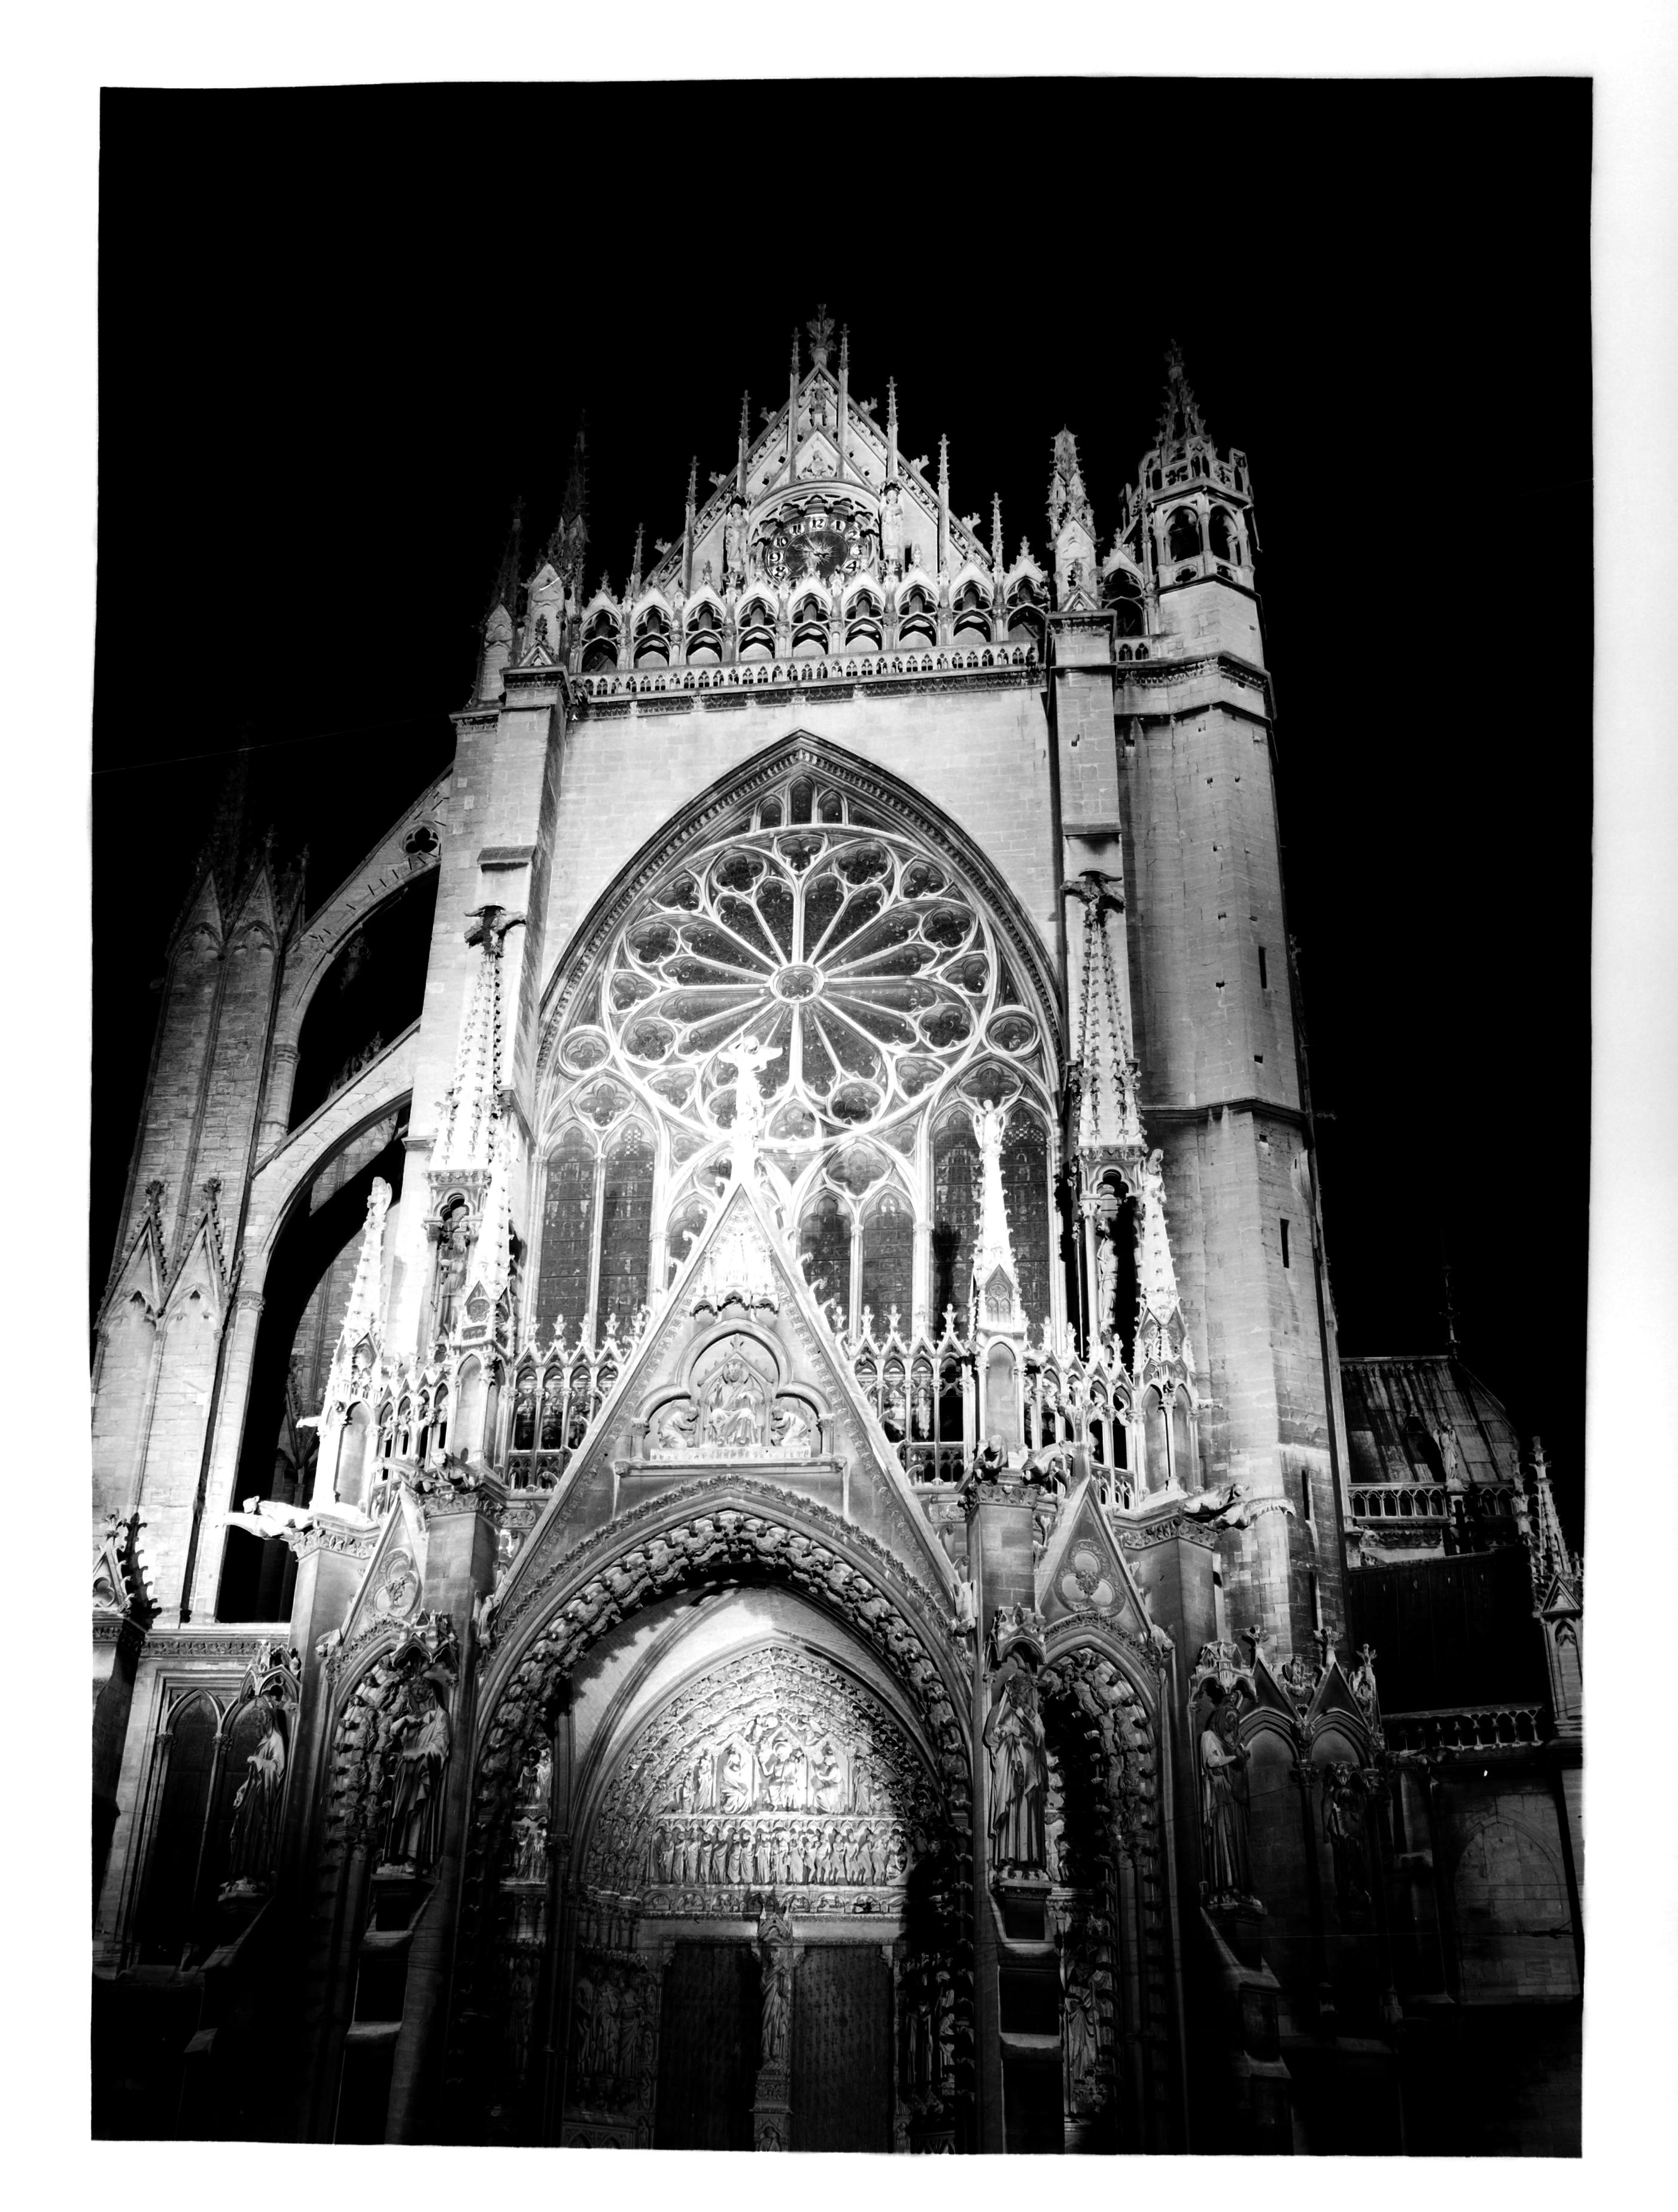 Contenu du [La Cathédrale Saint-Étienne de Metz de nuit]